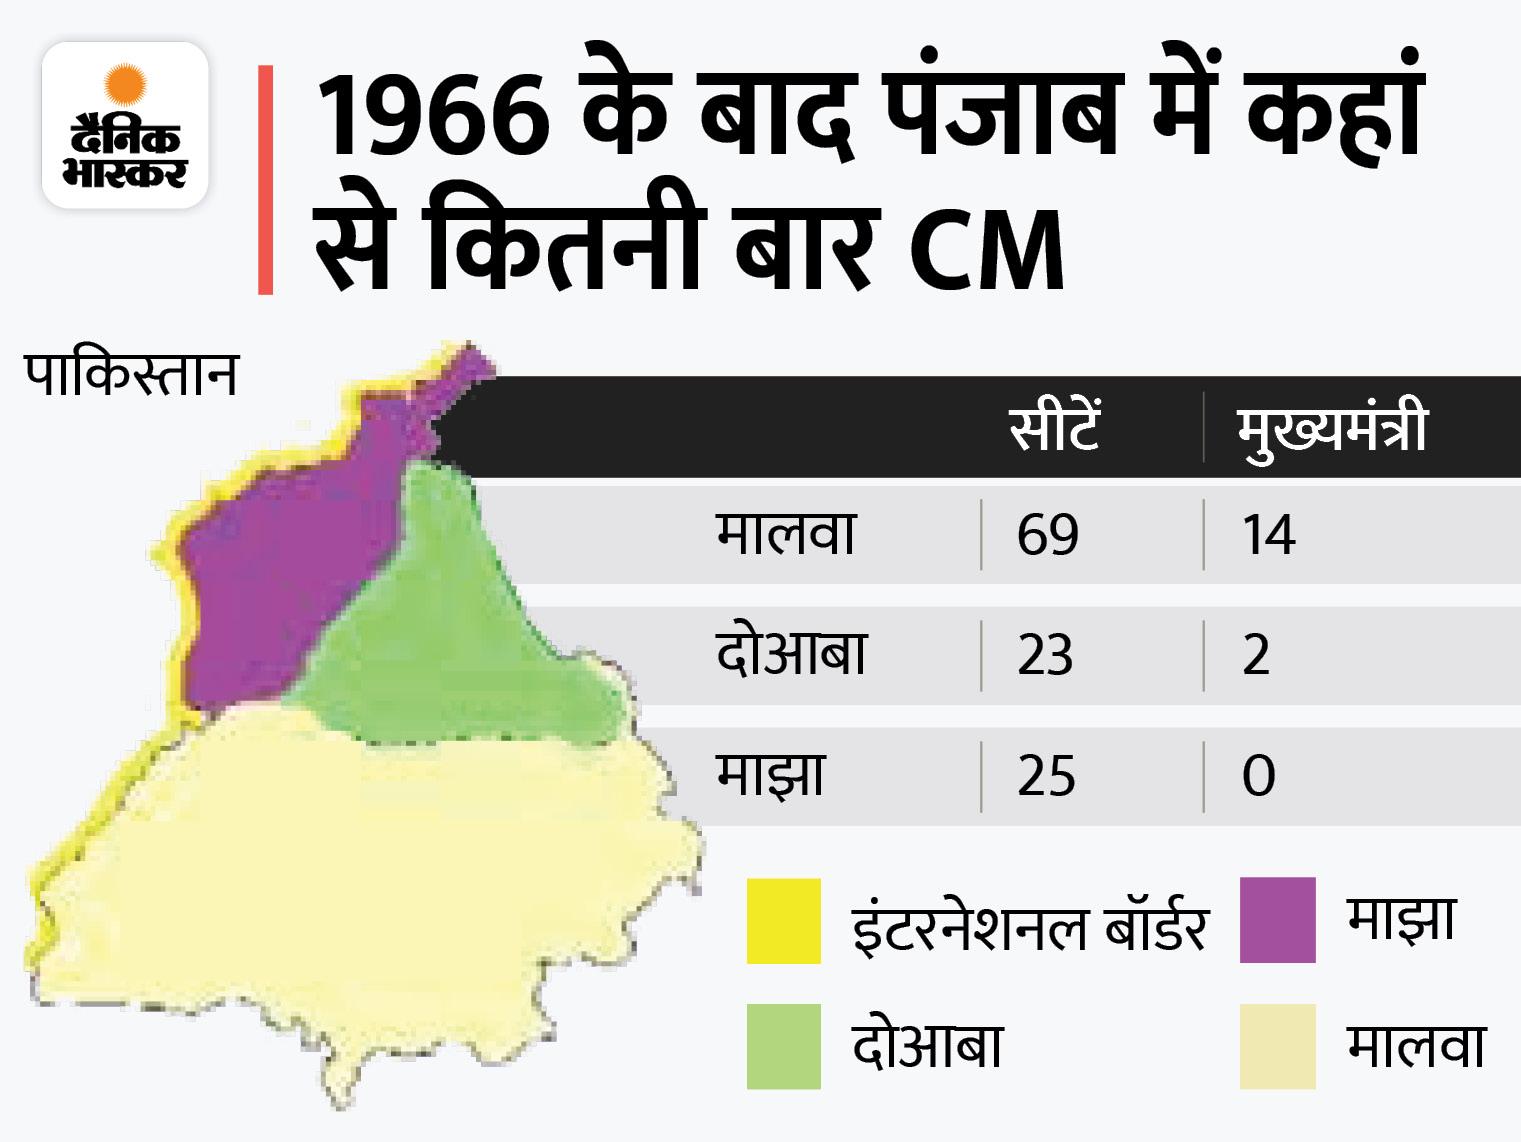 1995 में बेअंत सिंह की हत्या होने के बाद मालवा के नेता ही बनते रहे हैं मुख्यमंत्री, सूबे की 117 विधानसभा सीटों में से 69 इसी रीजन में चंडीगढ़,Chandigarh - Dainik Bhaskar